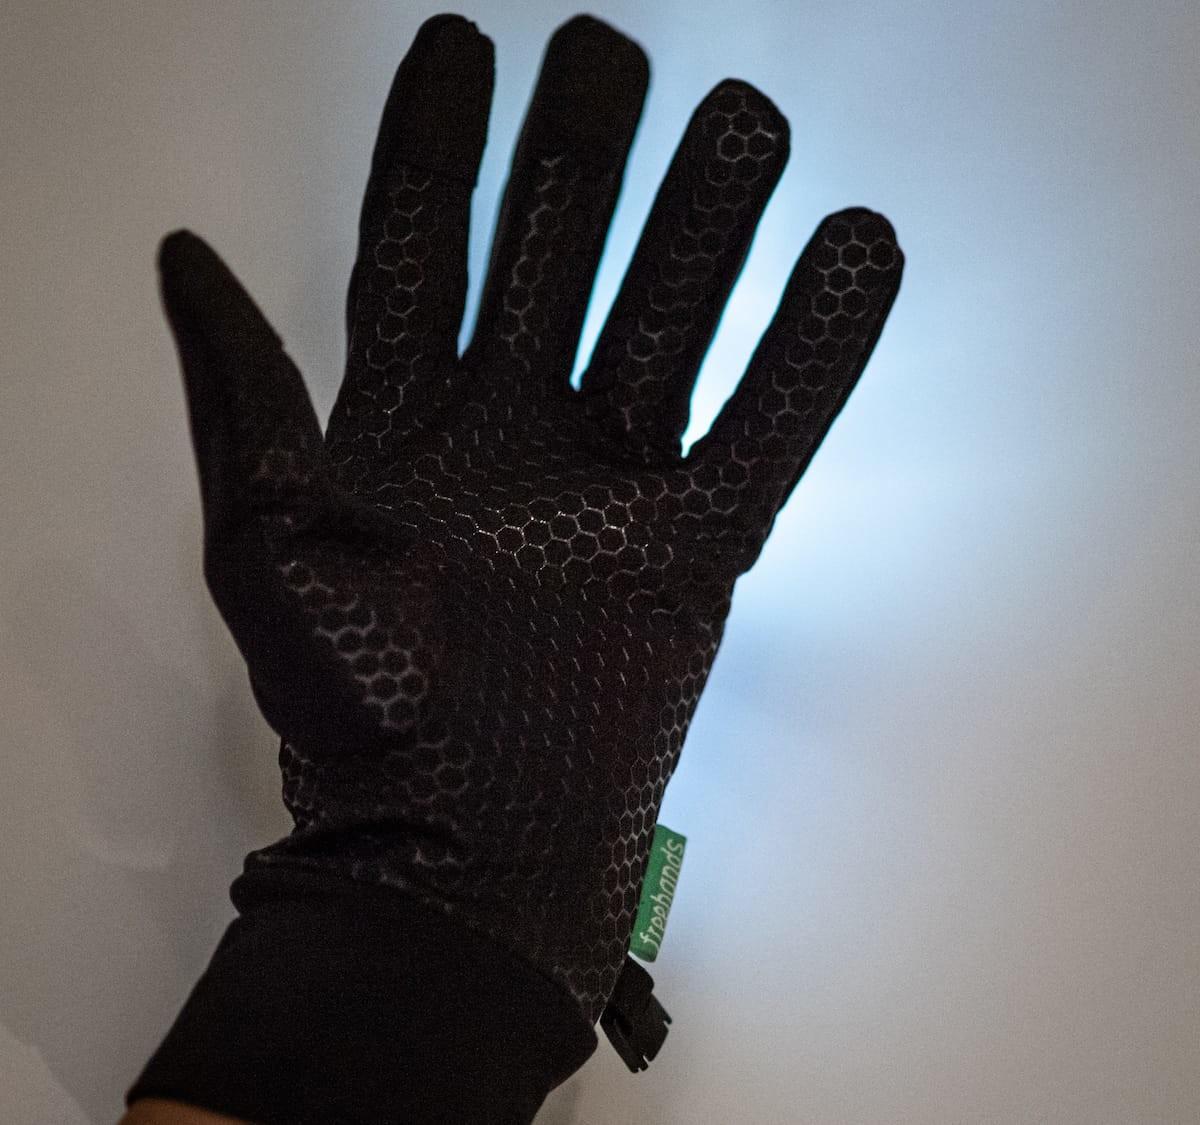 Freehands Light-Up Running Gloves provide 3-finger touchscreen capabilities